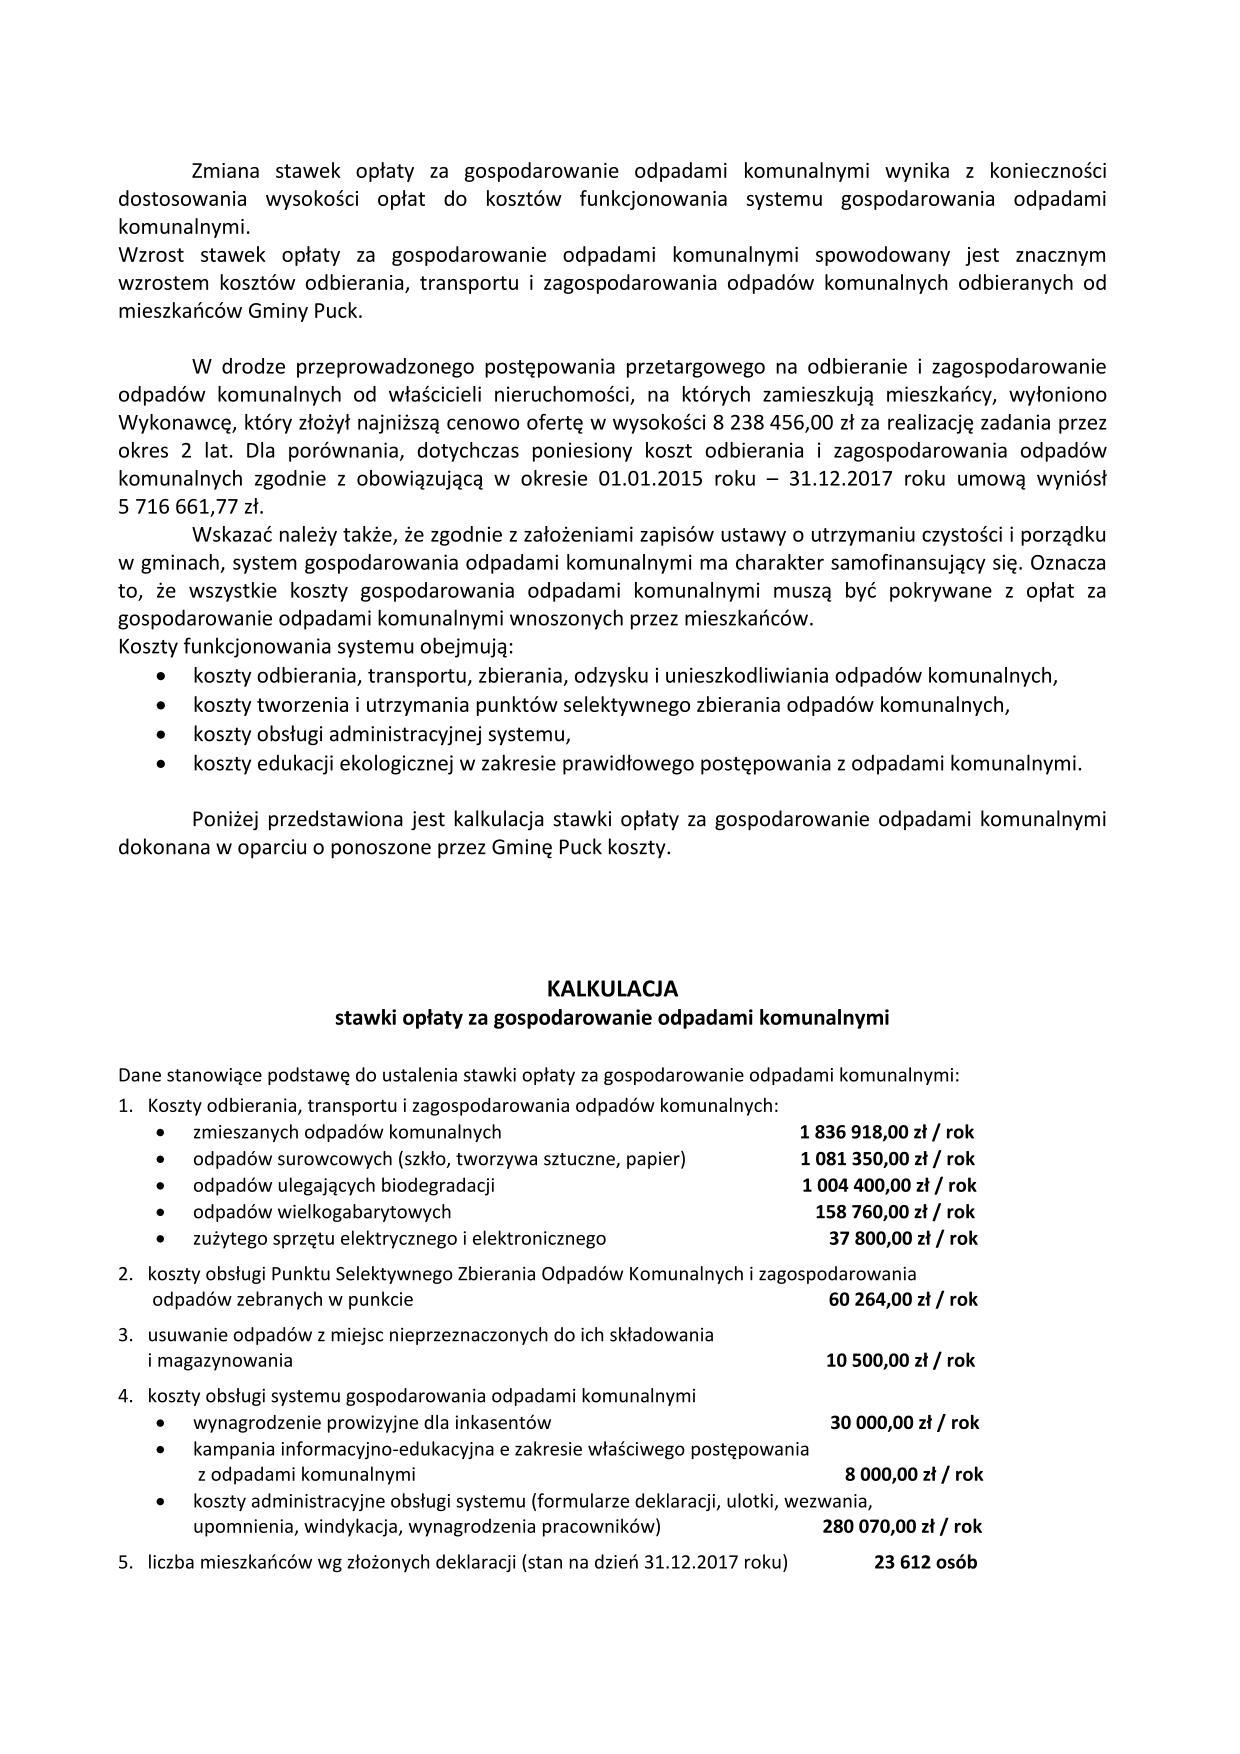 ZAWIADOMIENIE o zmianie stawek opłaty za odpady od 1 maja 2018 roku_02